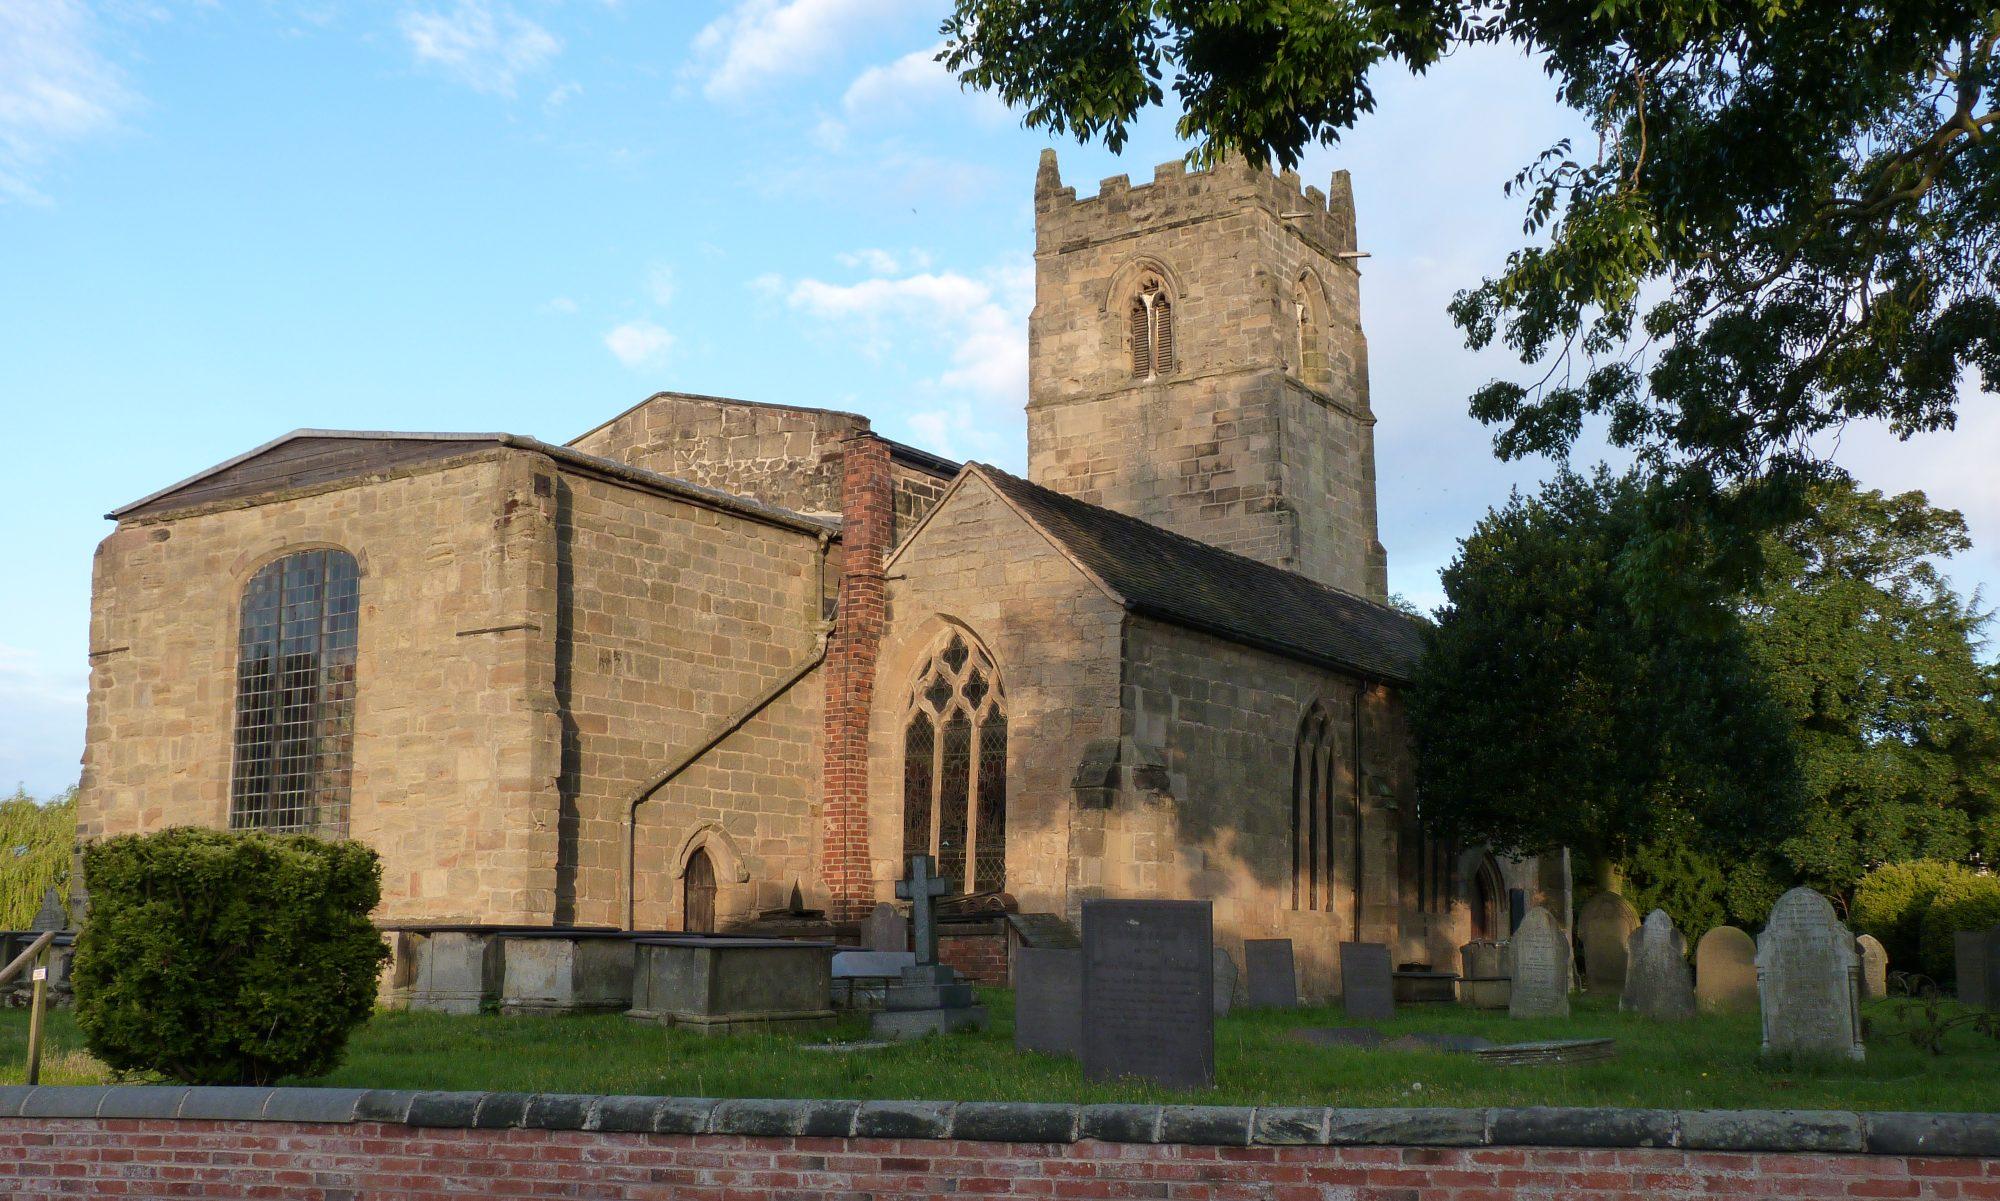 St Wilfrids, Barrow